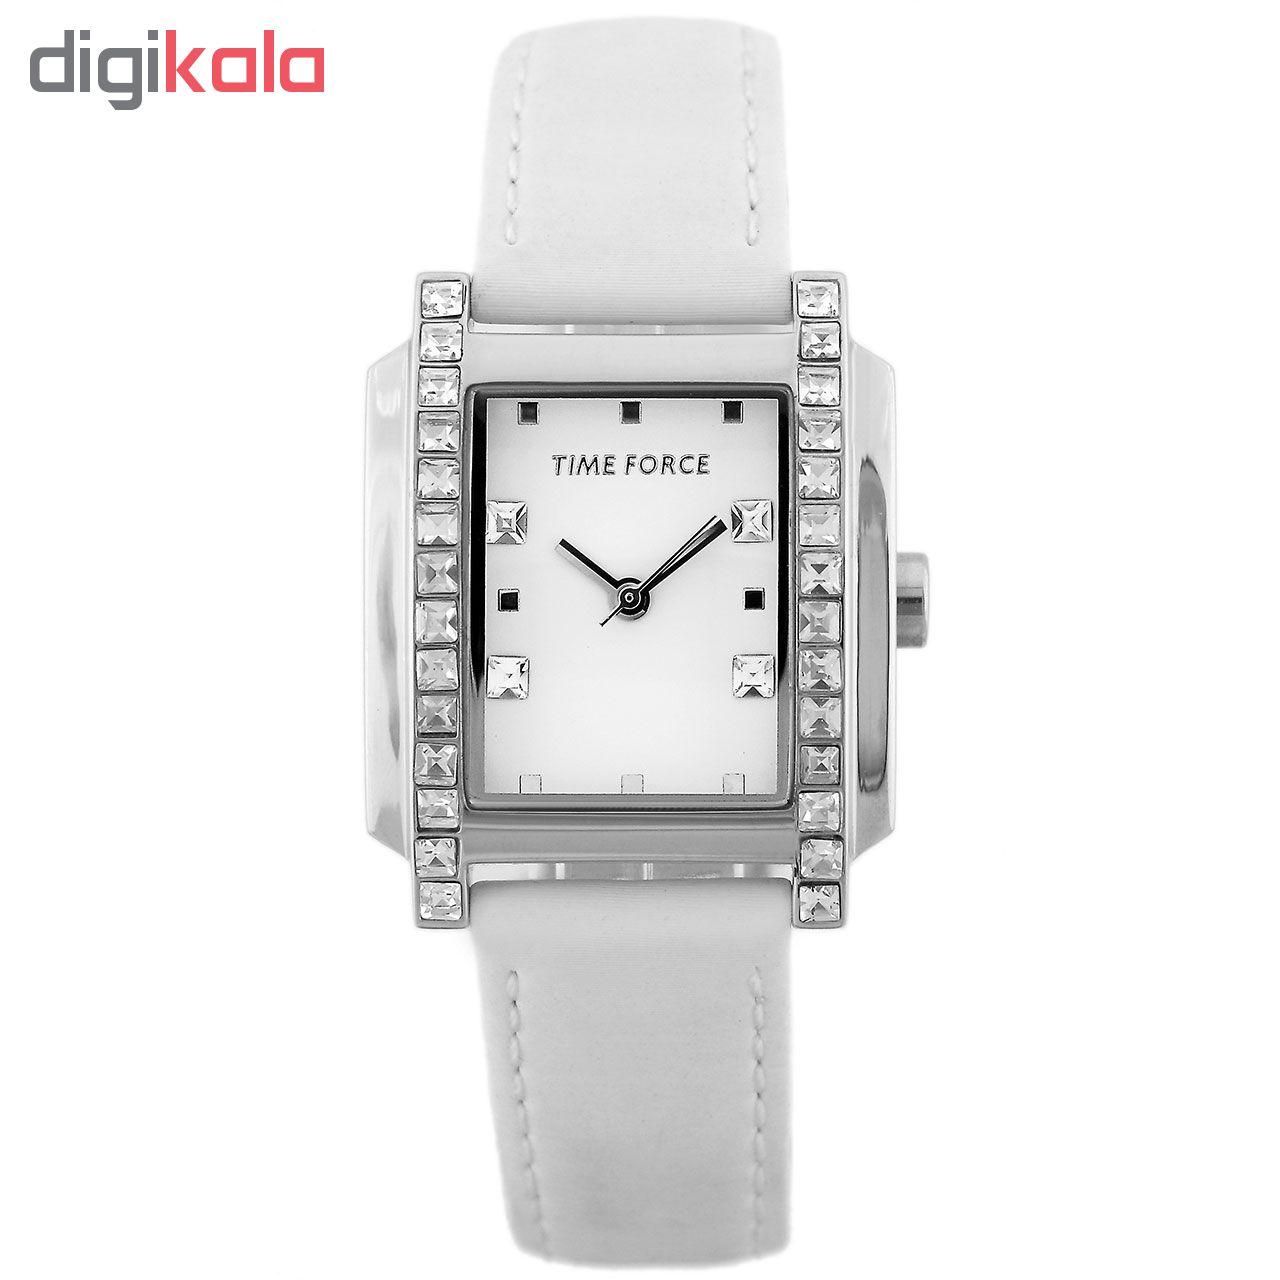 ساعت زنانه برند تایم فورس مدل TF3394L02